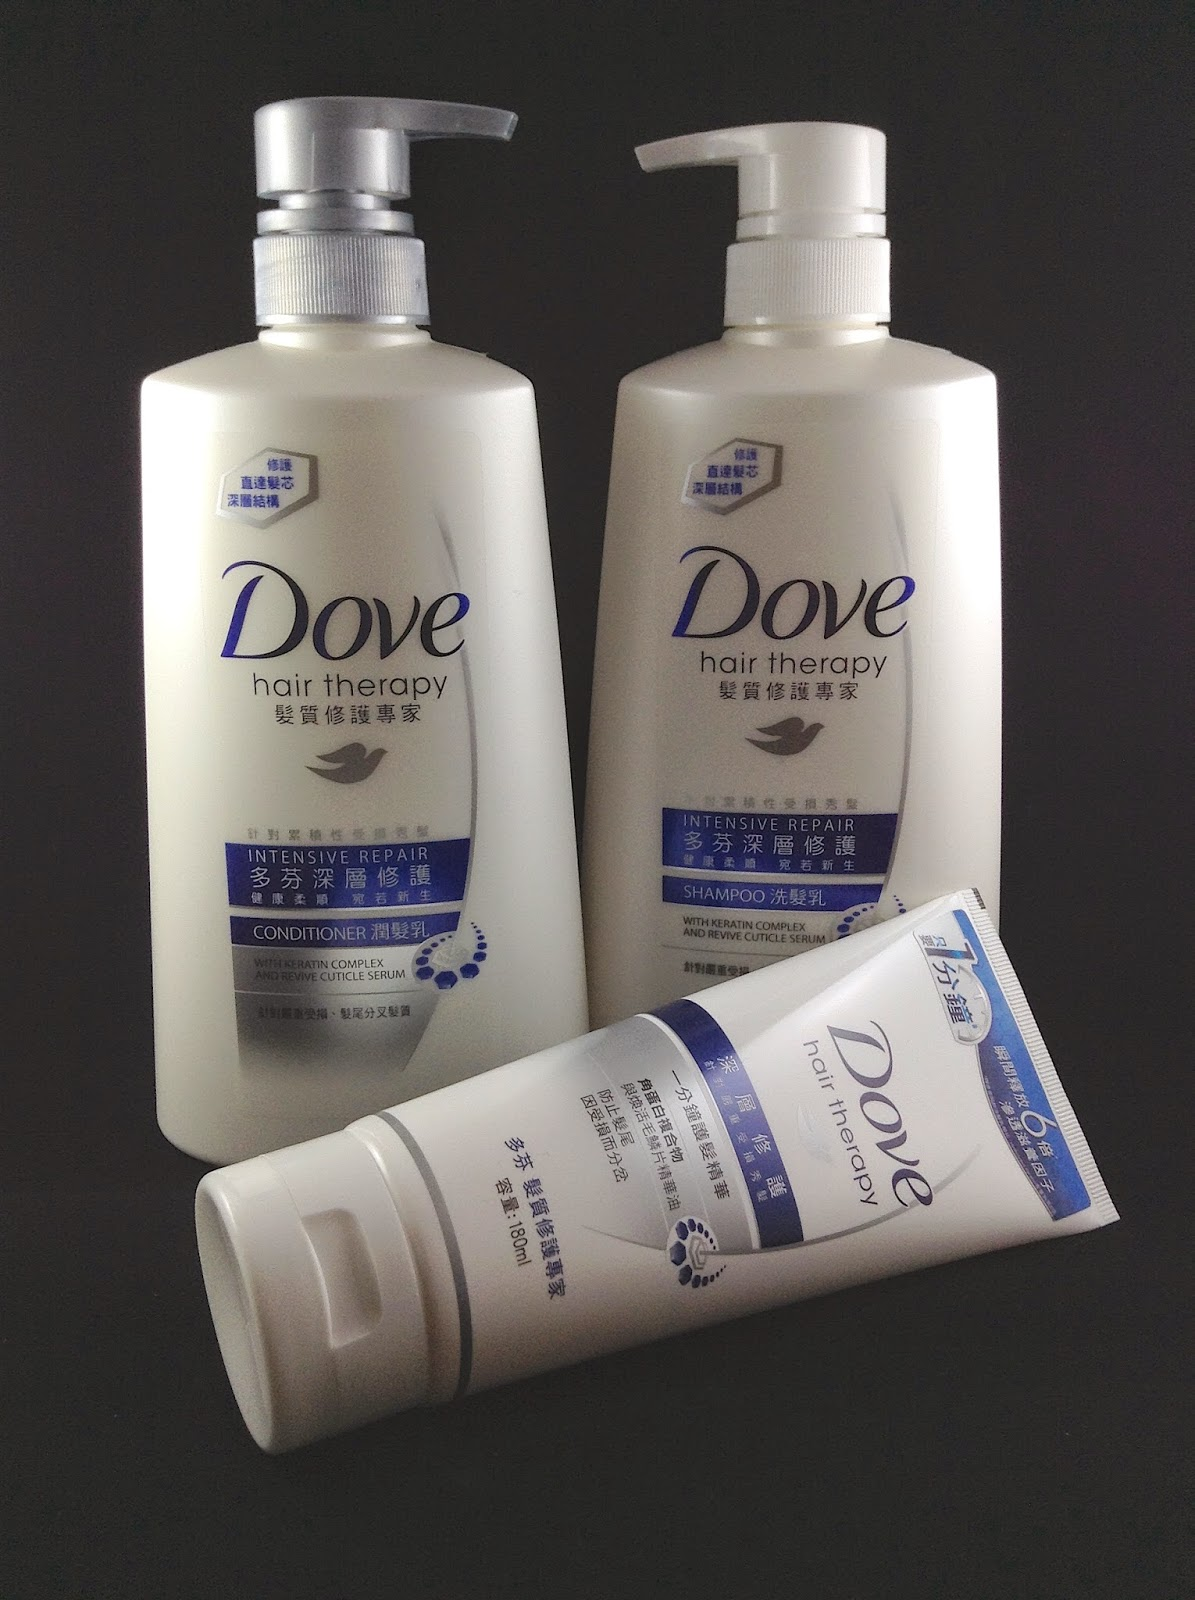 >> 深層修護新步驟*Dove 深層修護一分鐘護髮精華